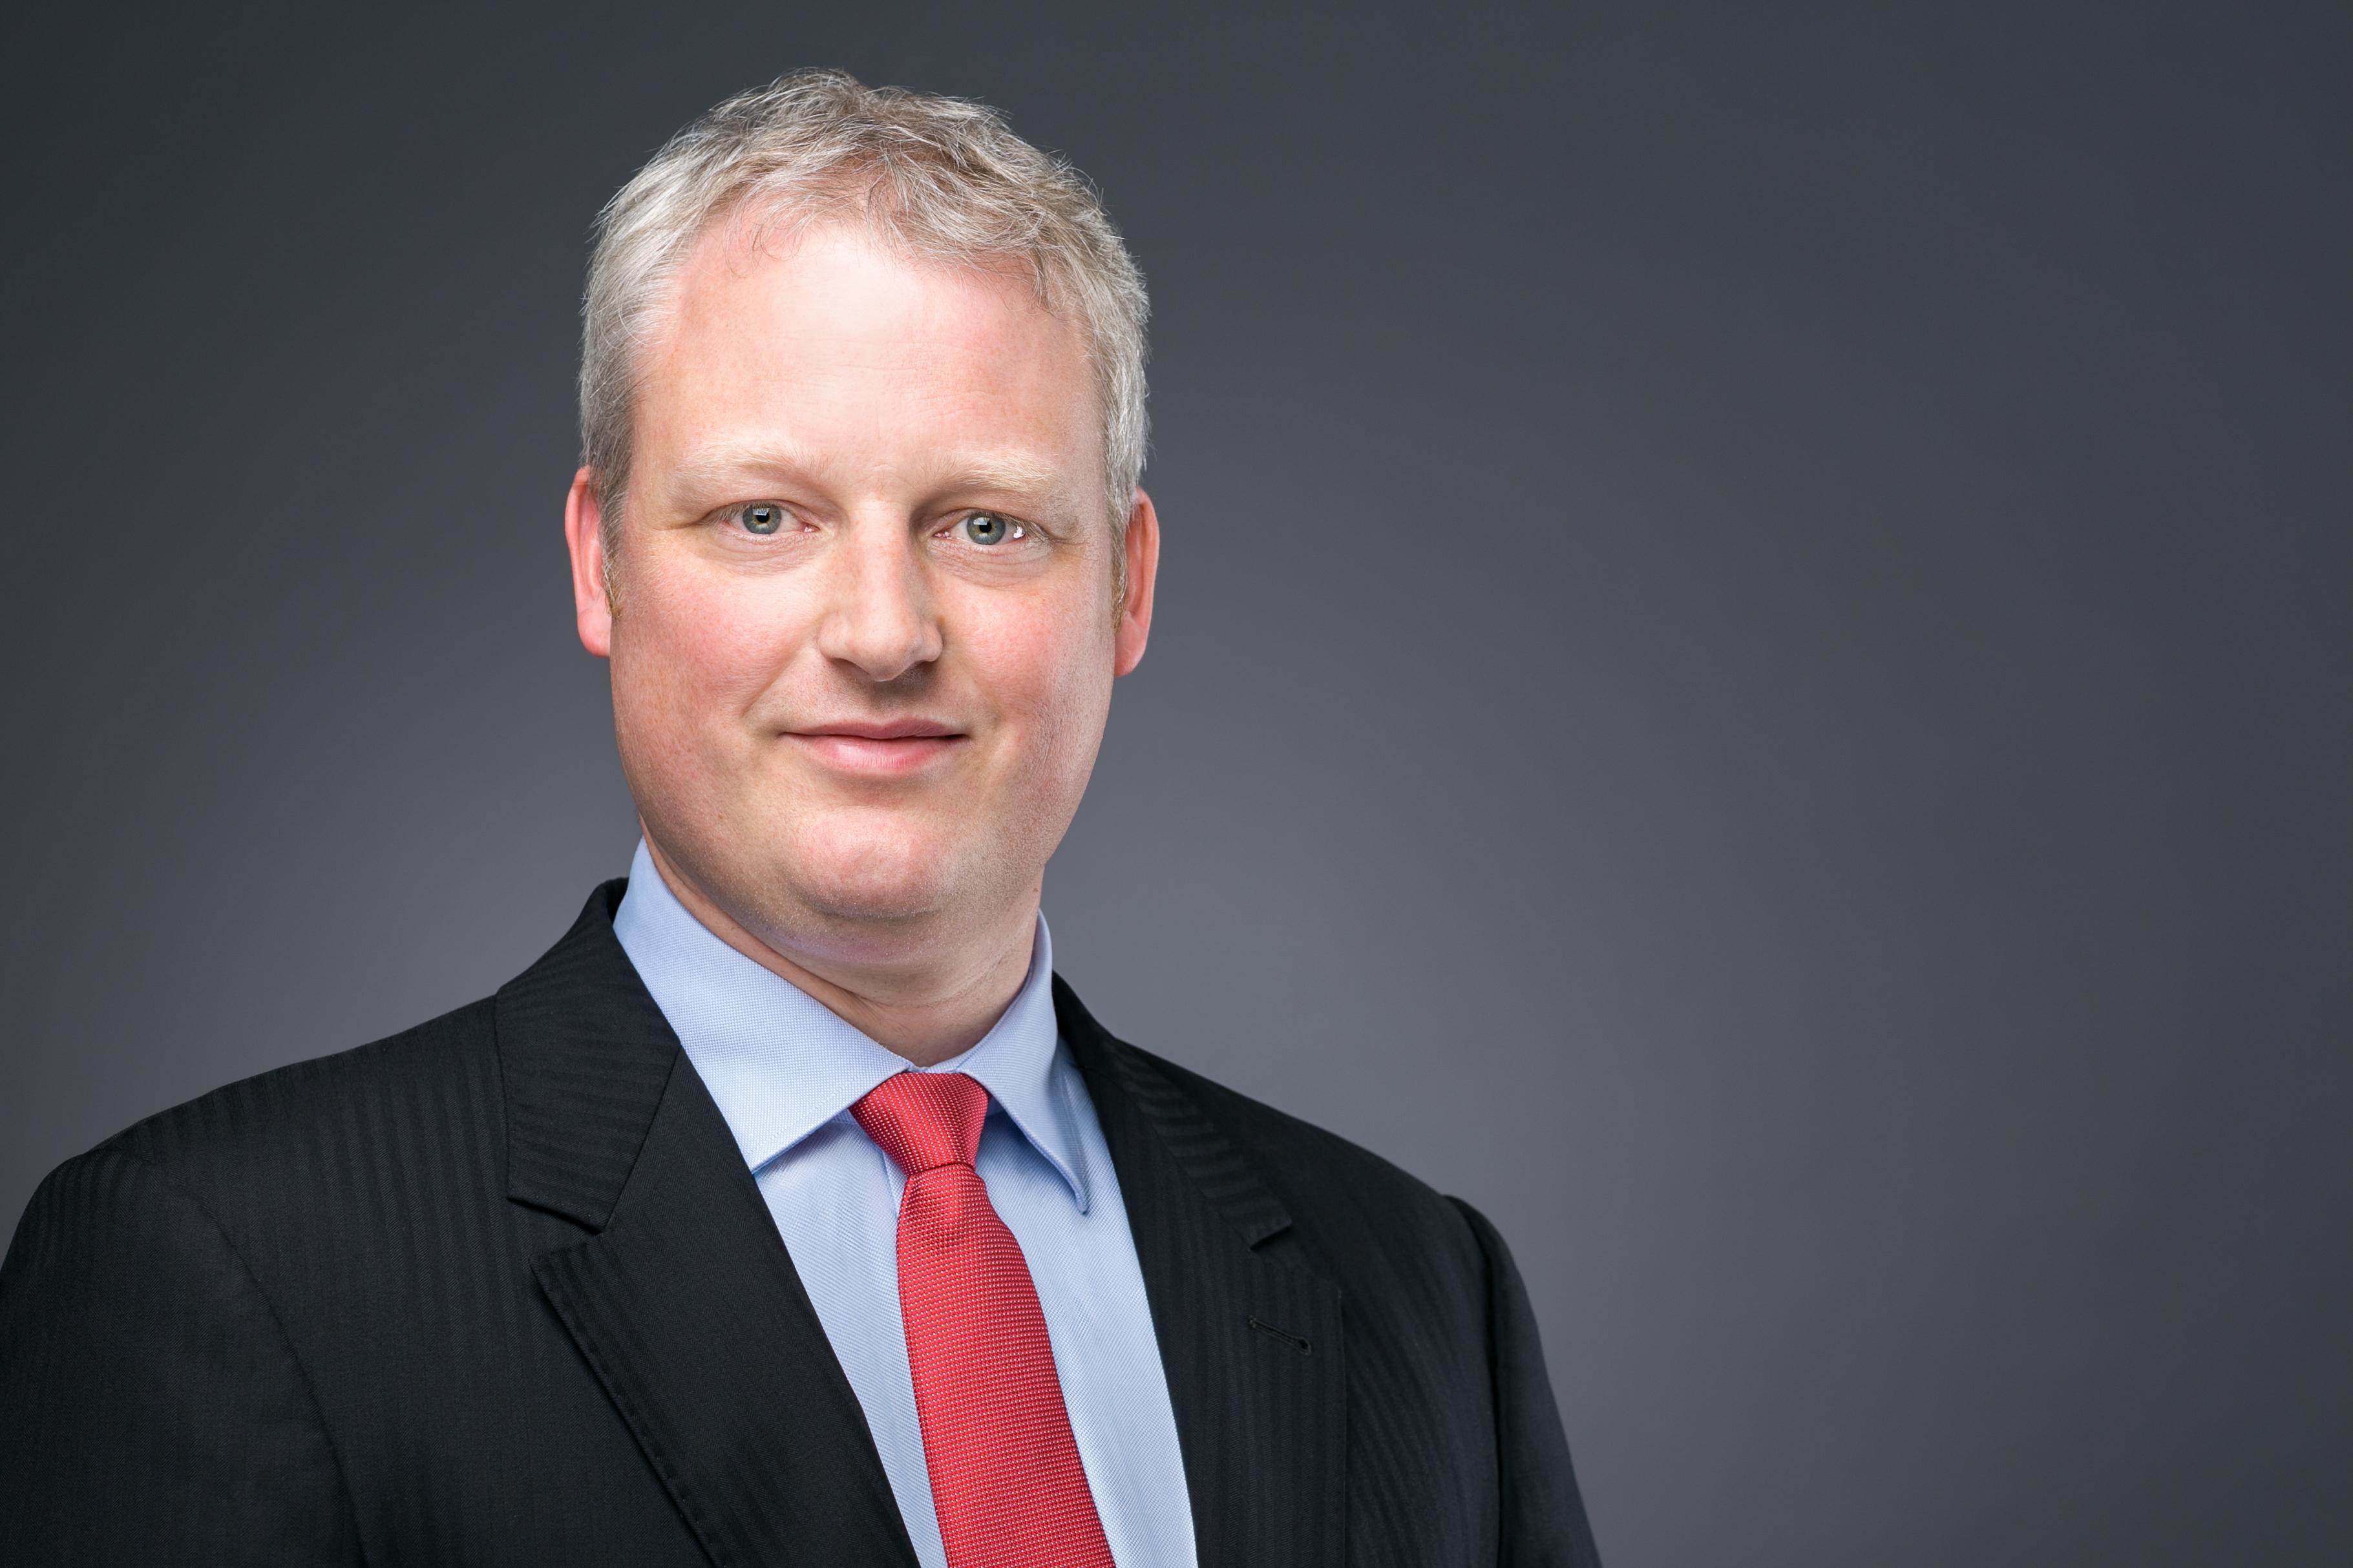 Kristian Borkert Rechtsanwalt, Autor, Sourcingrecht.de